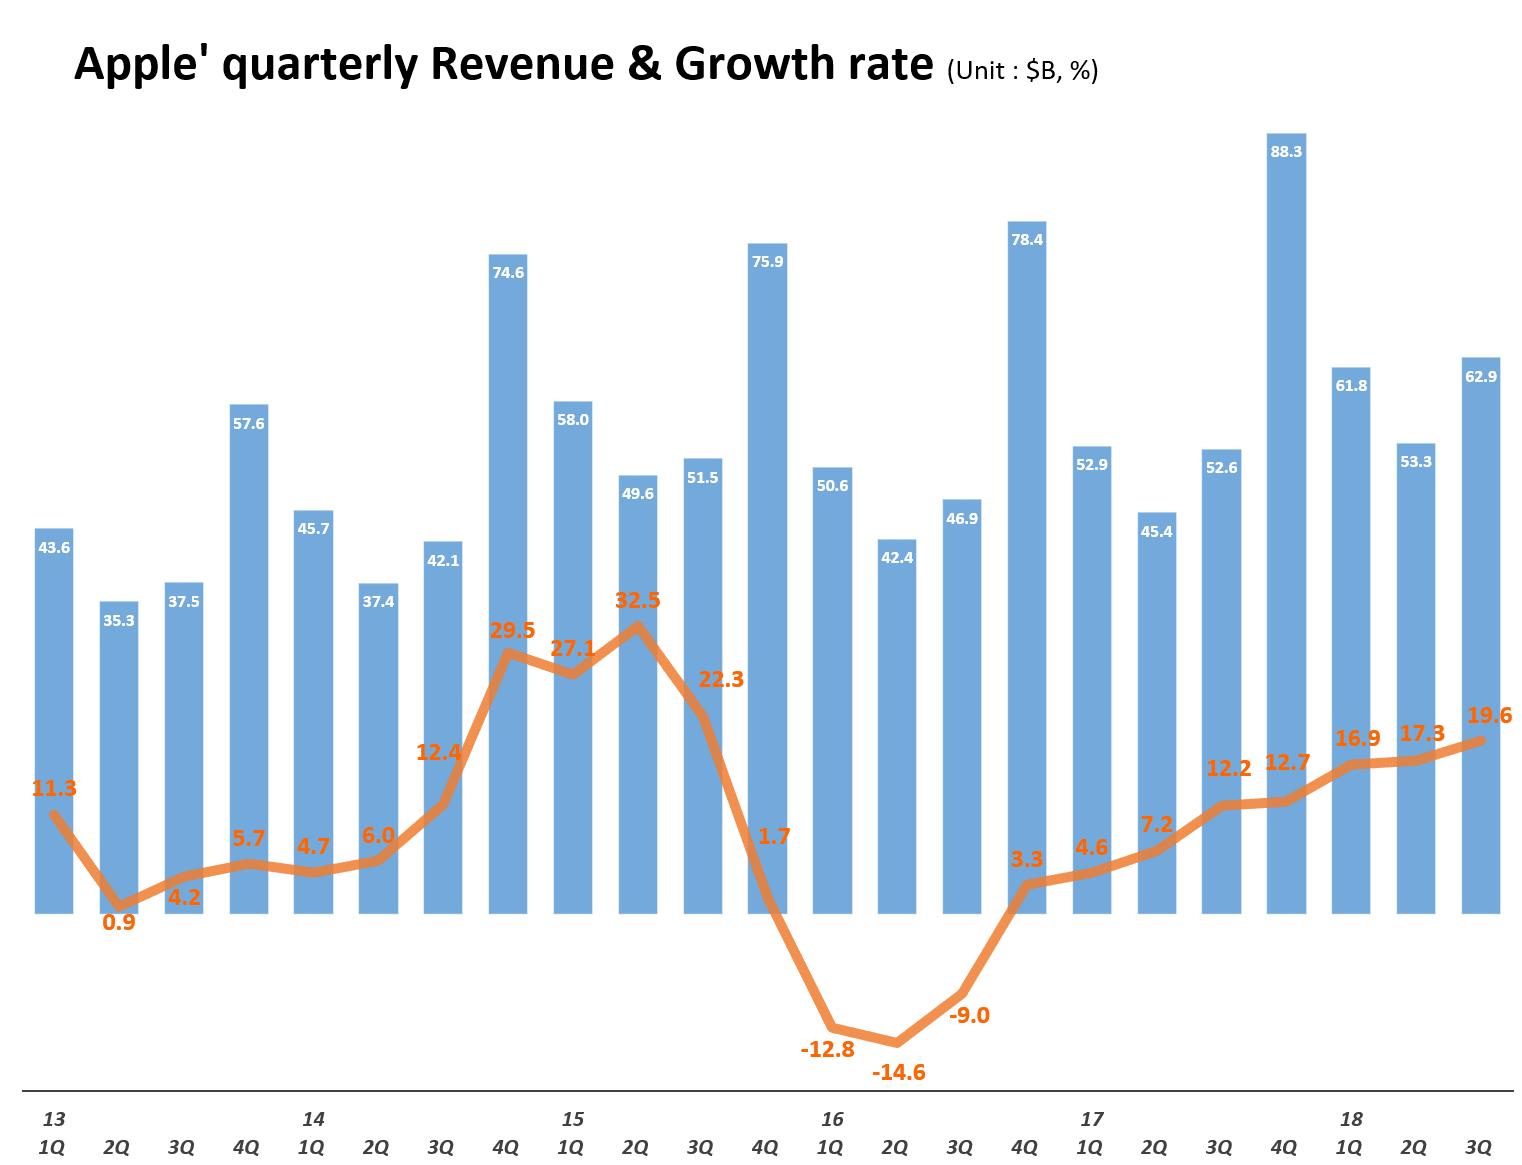 분기별 애플 매출 및 전년 비 성장율 추이(2013년 1분기~2018년 3분기) Quarterly Apple' quarterly Revenue & Growth rate, Graph by Happist